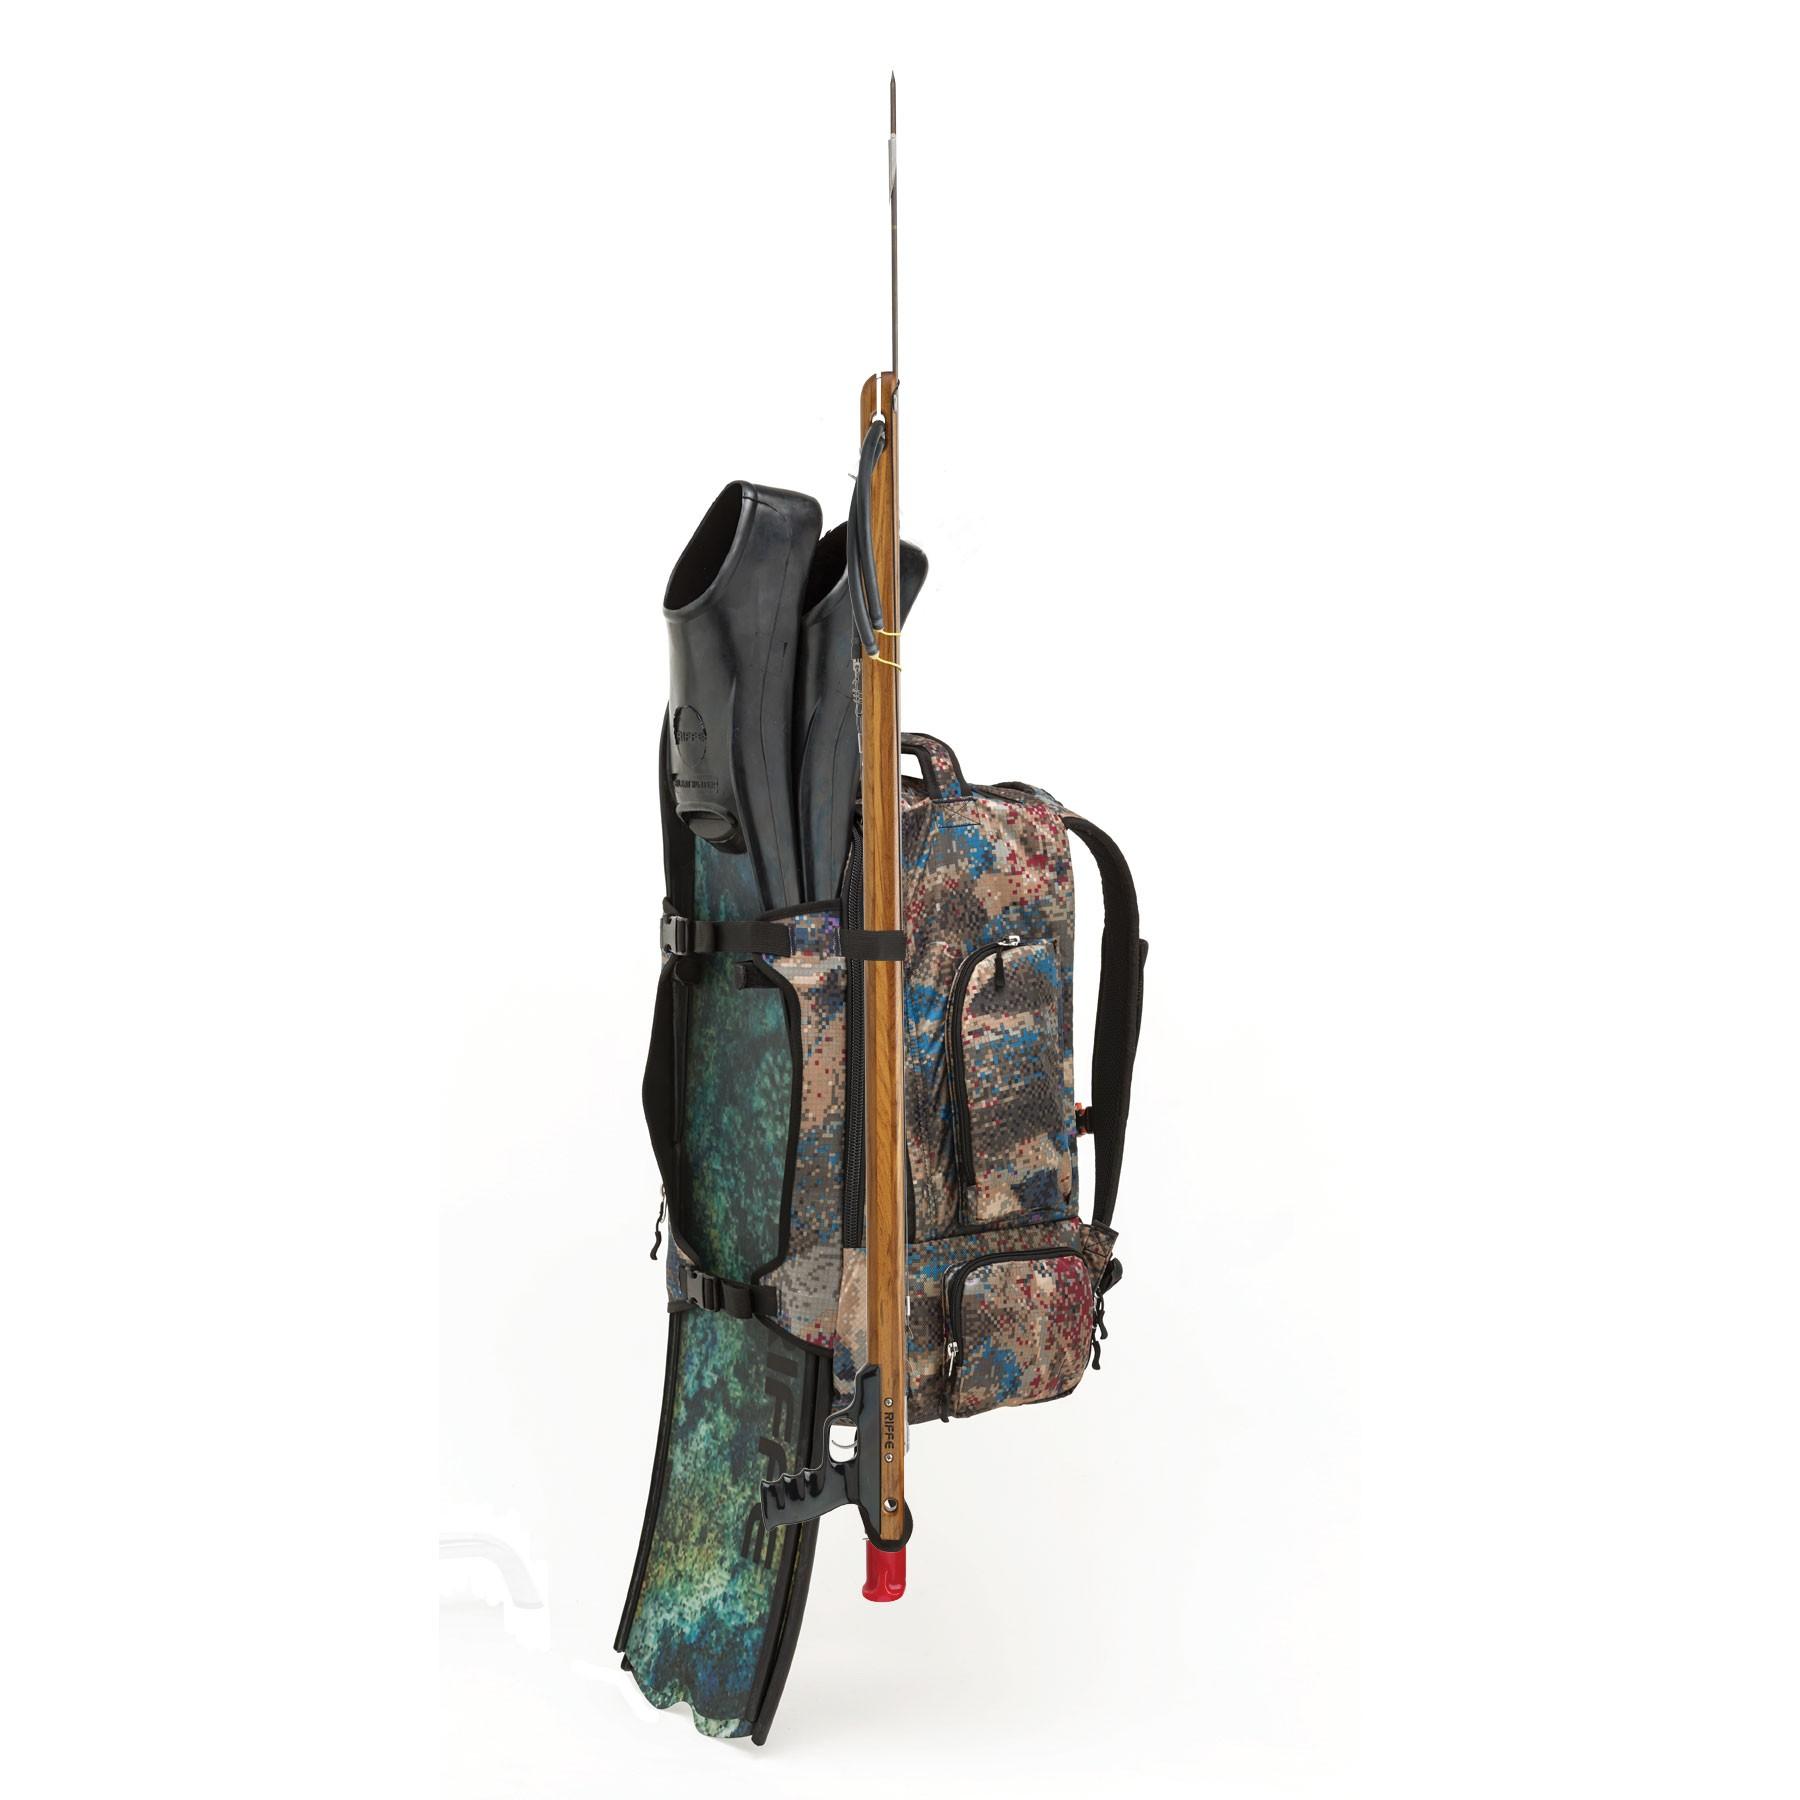 Riffe Drifter Utility Pack gear